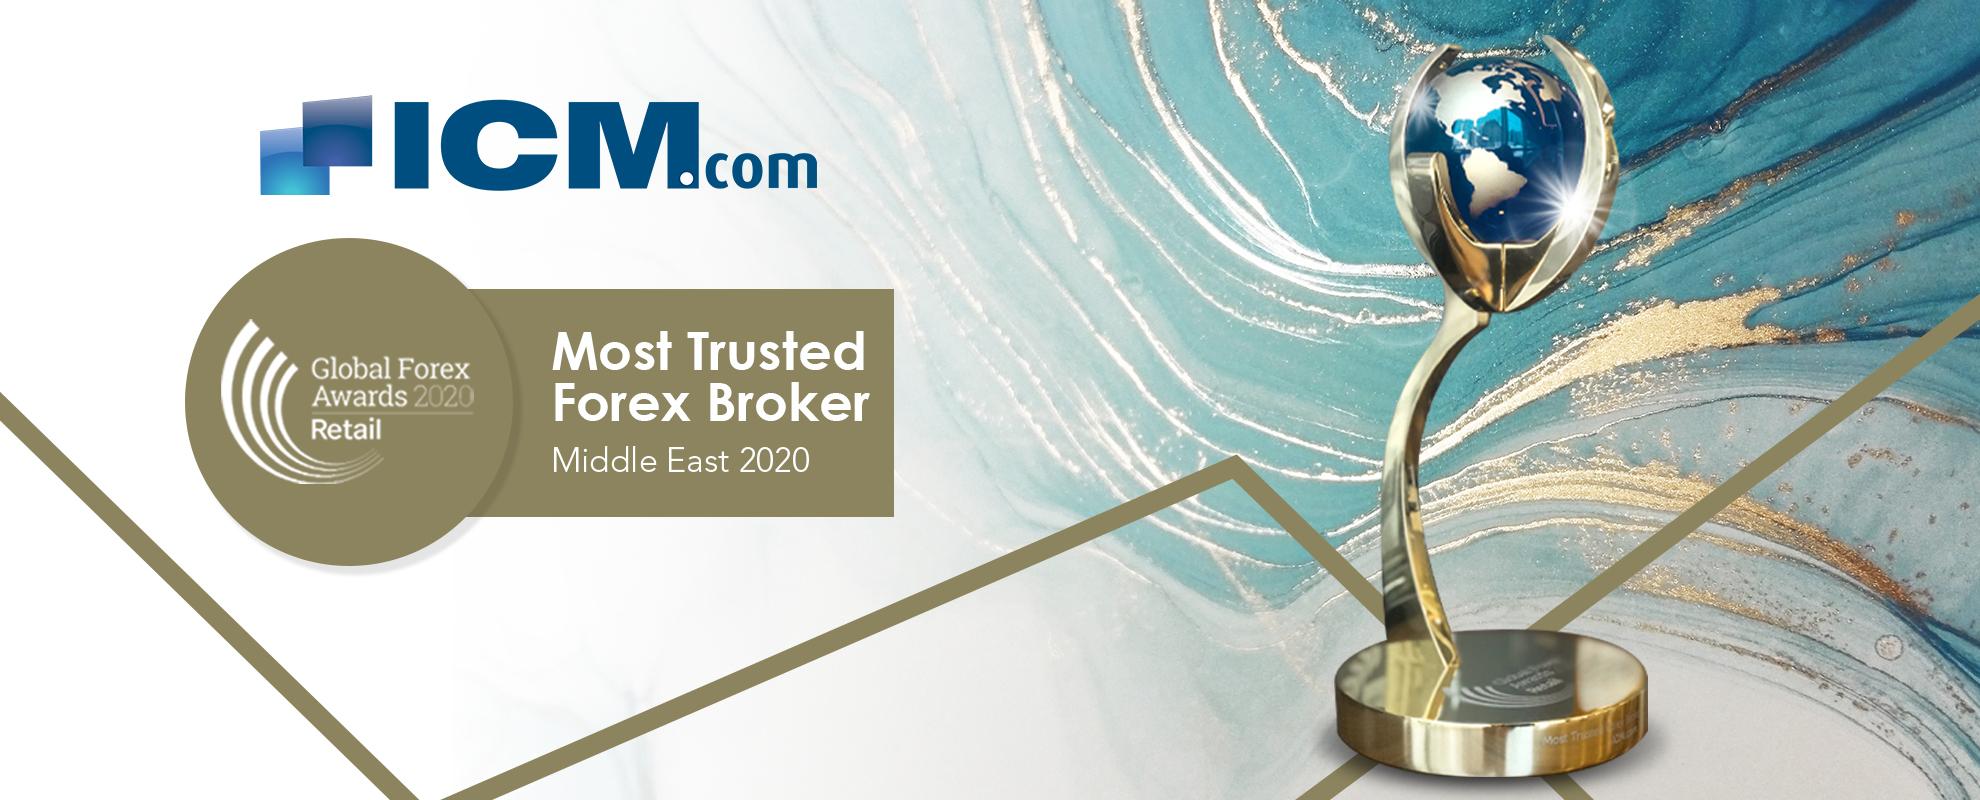 """ICM.com被授予""""2020年中东最值得信赖外汇经纪商""""称号"""